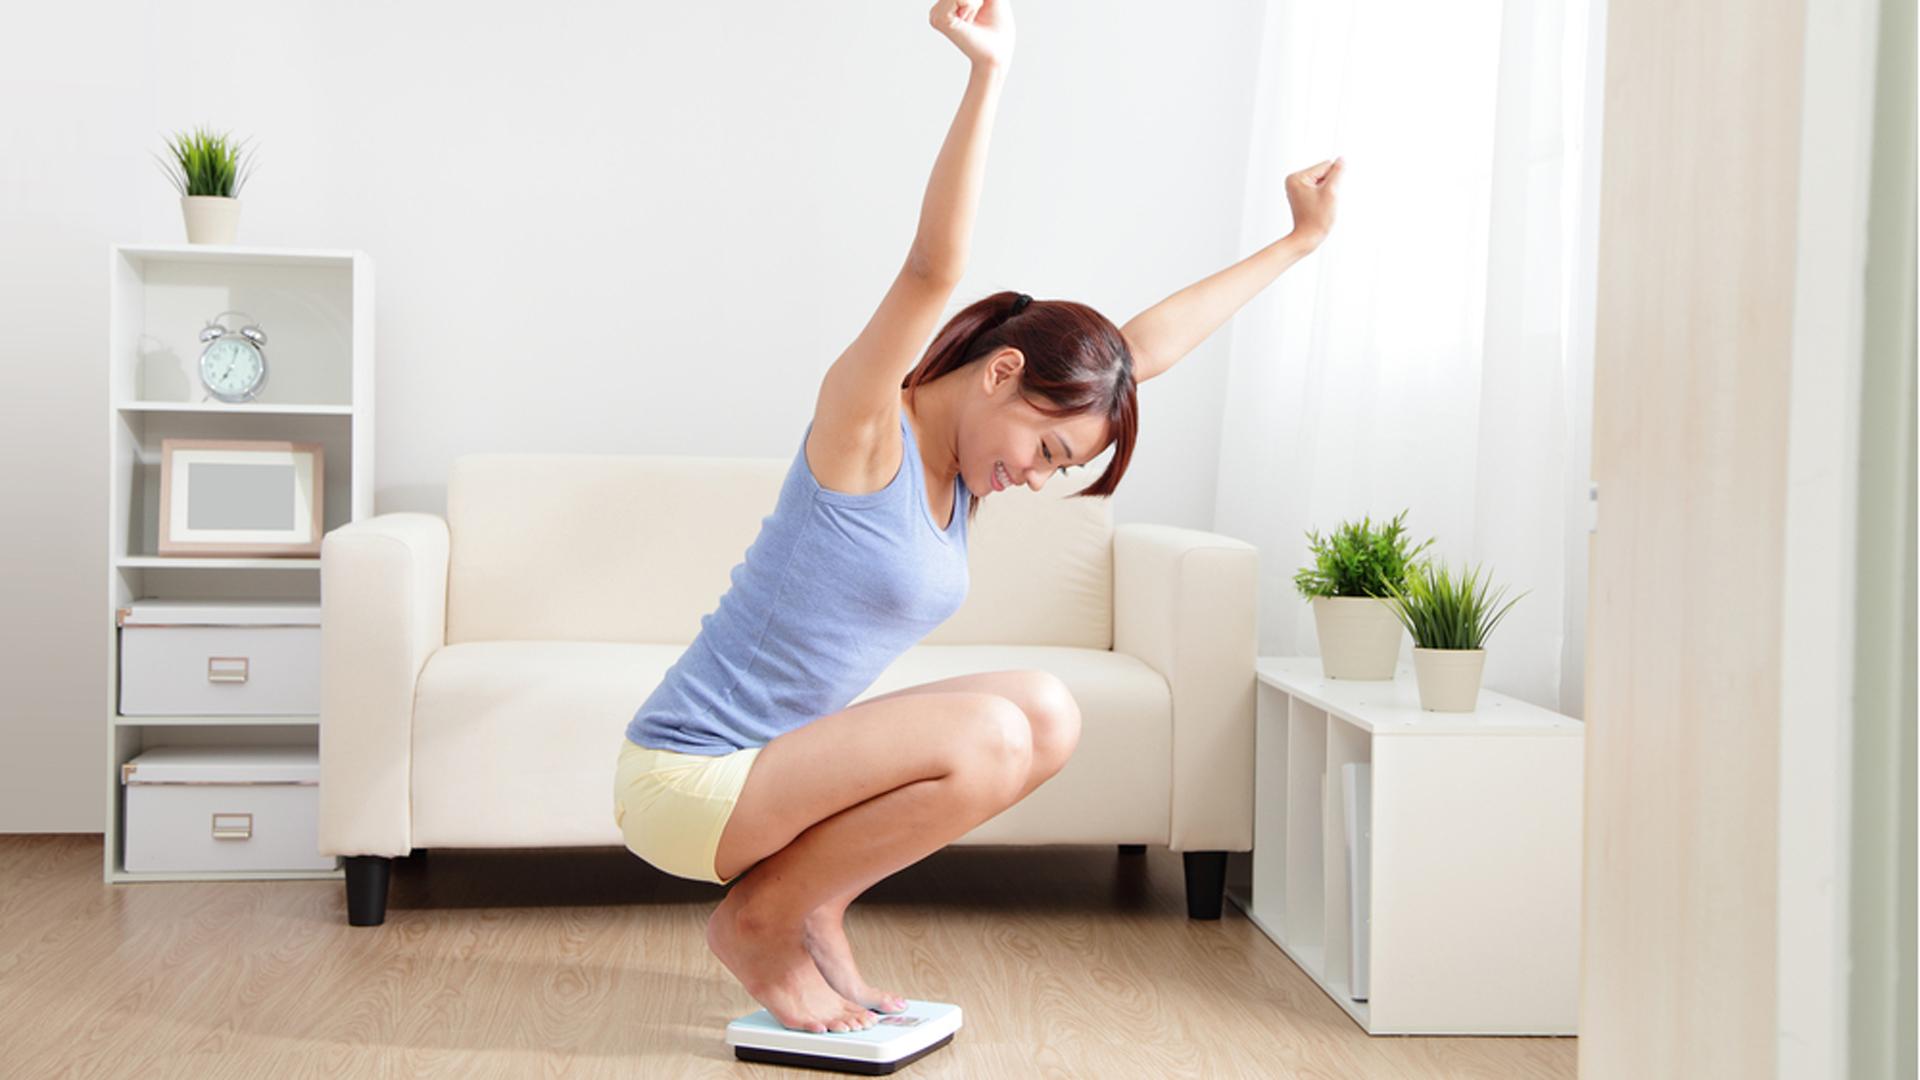 Κύρια φωτογραφία για το άρθρο: Αυτό το καλοκαίρι βάλατε στο στόχαστρο τα κιλά σας; 4 Tips, ώστε αυτή τη φορά να τα πετύχετε!